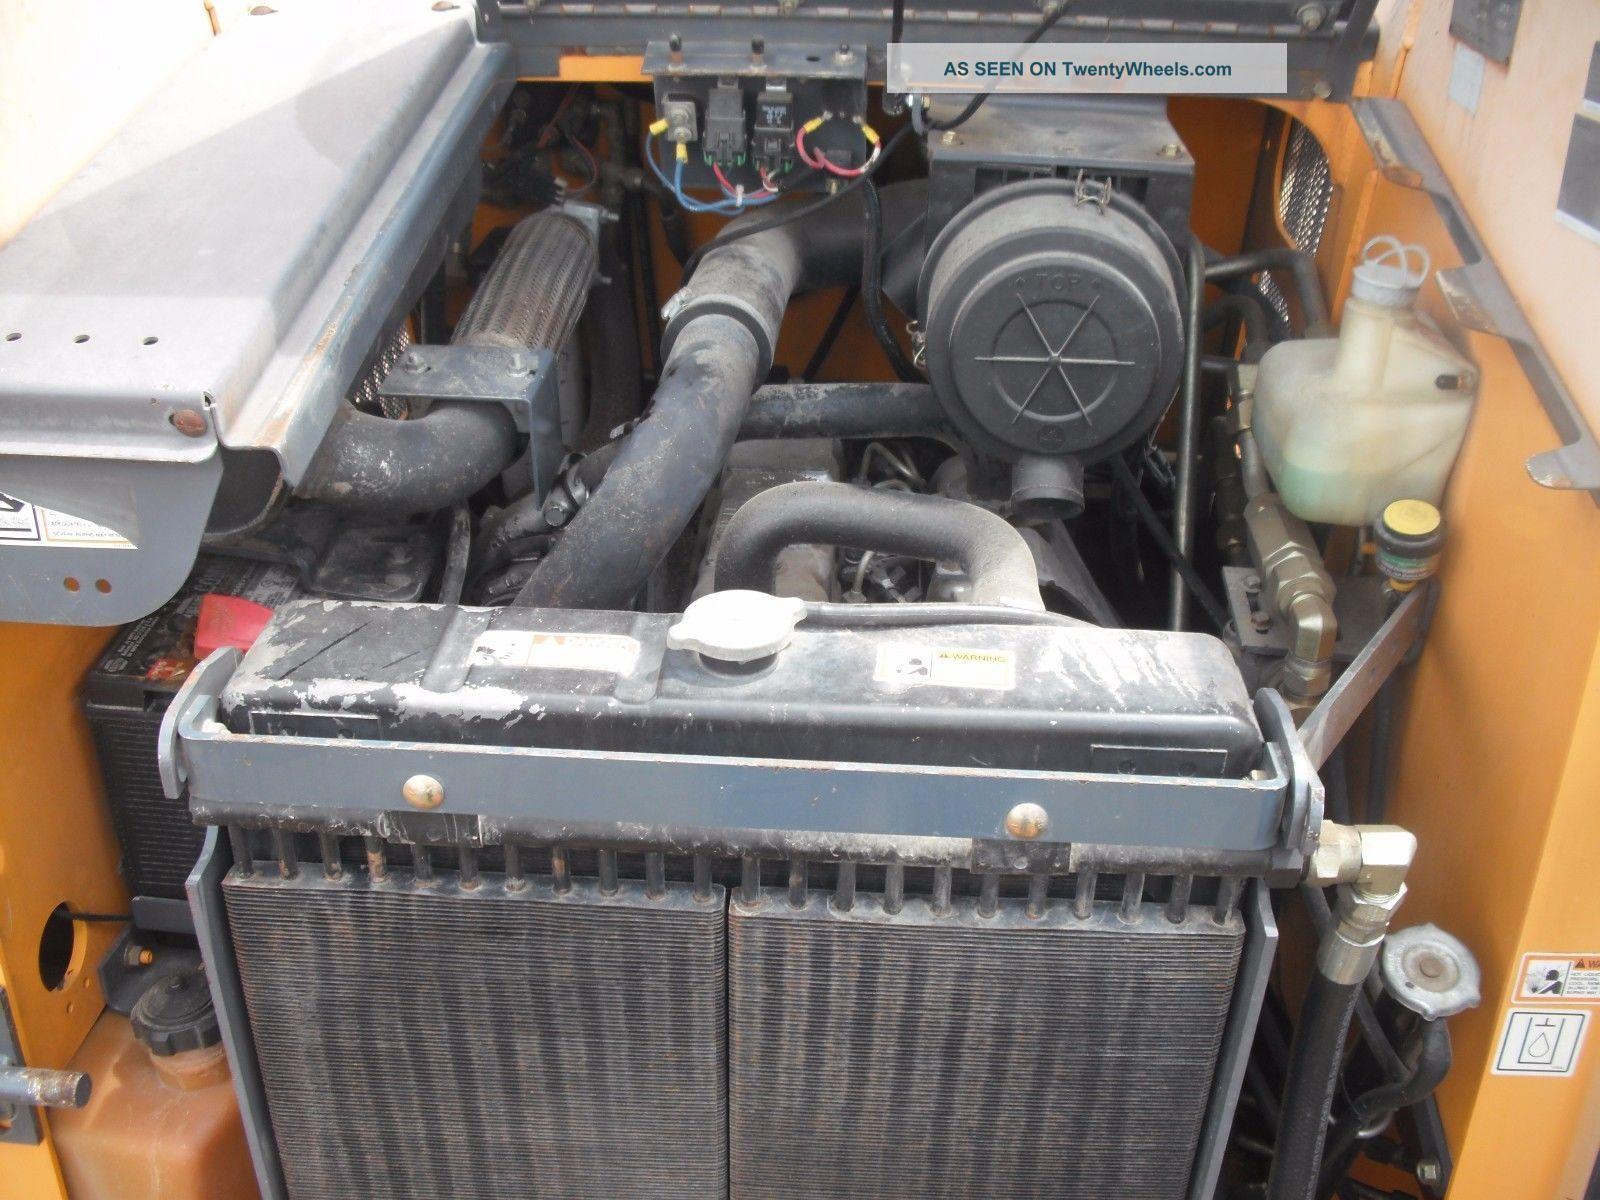 2007 Mustang 2074 Skid Steer Loader